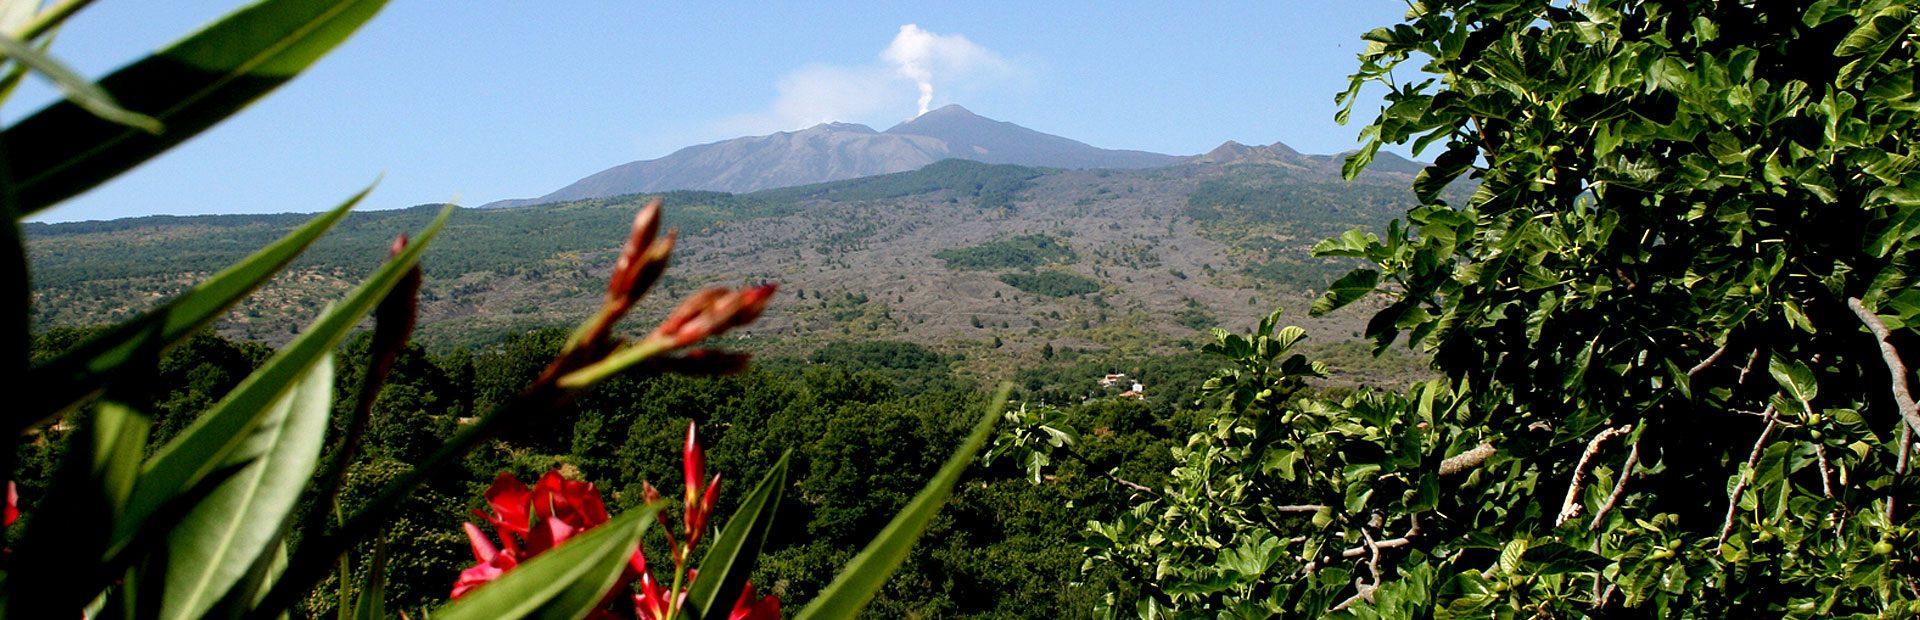 Im Sizilien Urlaub Italiens Landschaft erleben